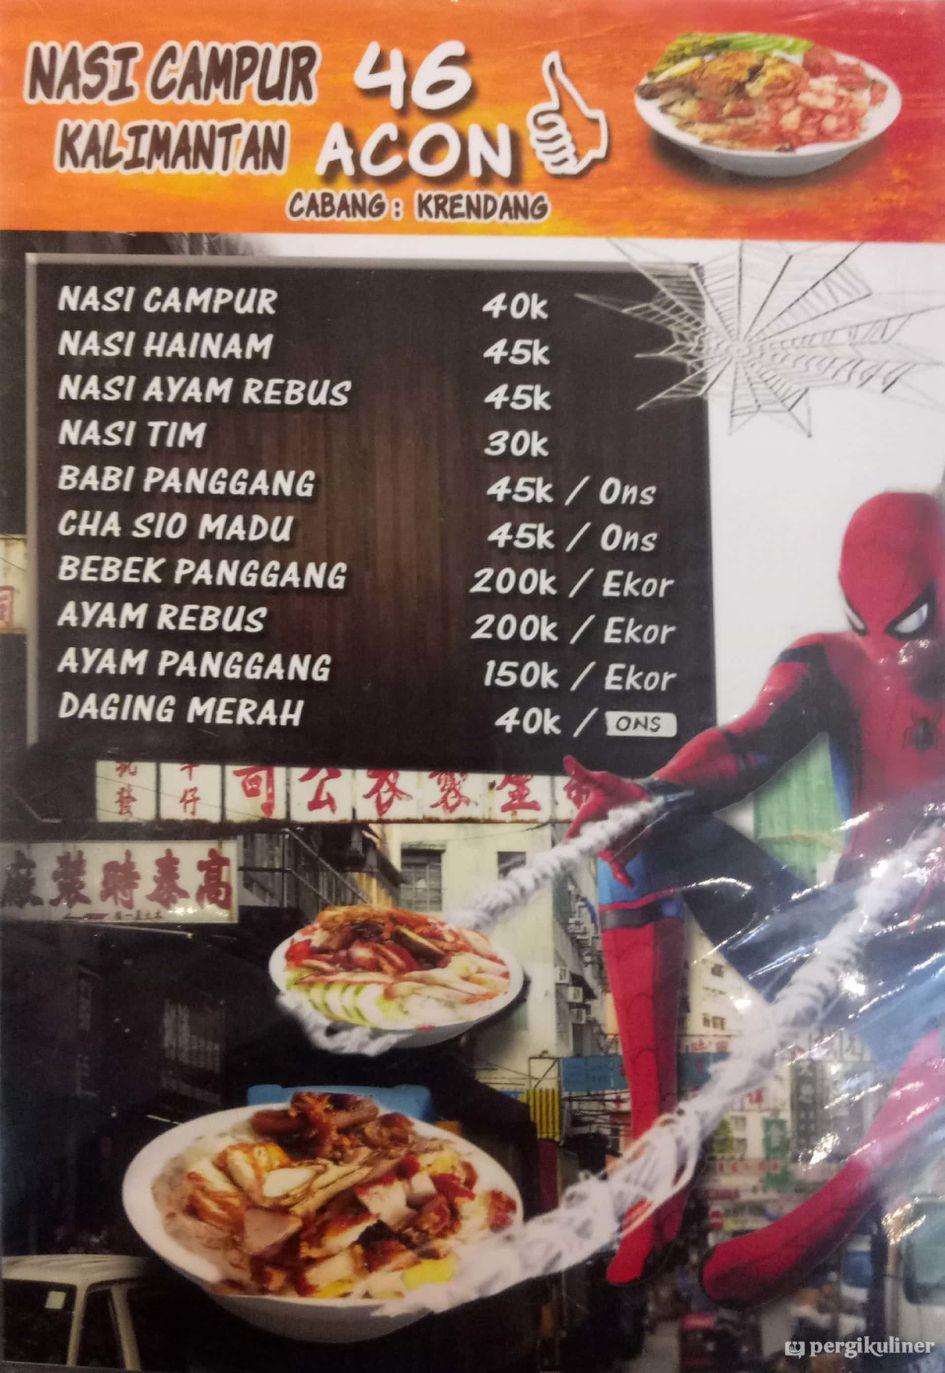 Selalu Diperbarui Menu Nasi Campur Kalimantan 46 Acon Pluit Madu Merah 1